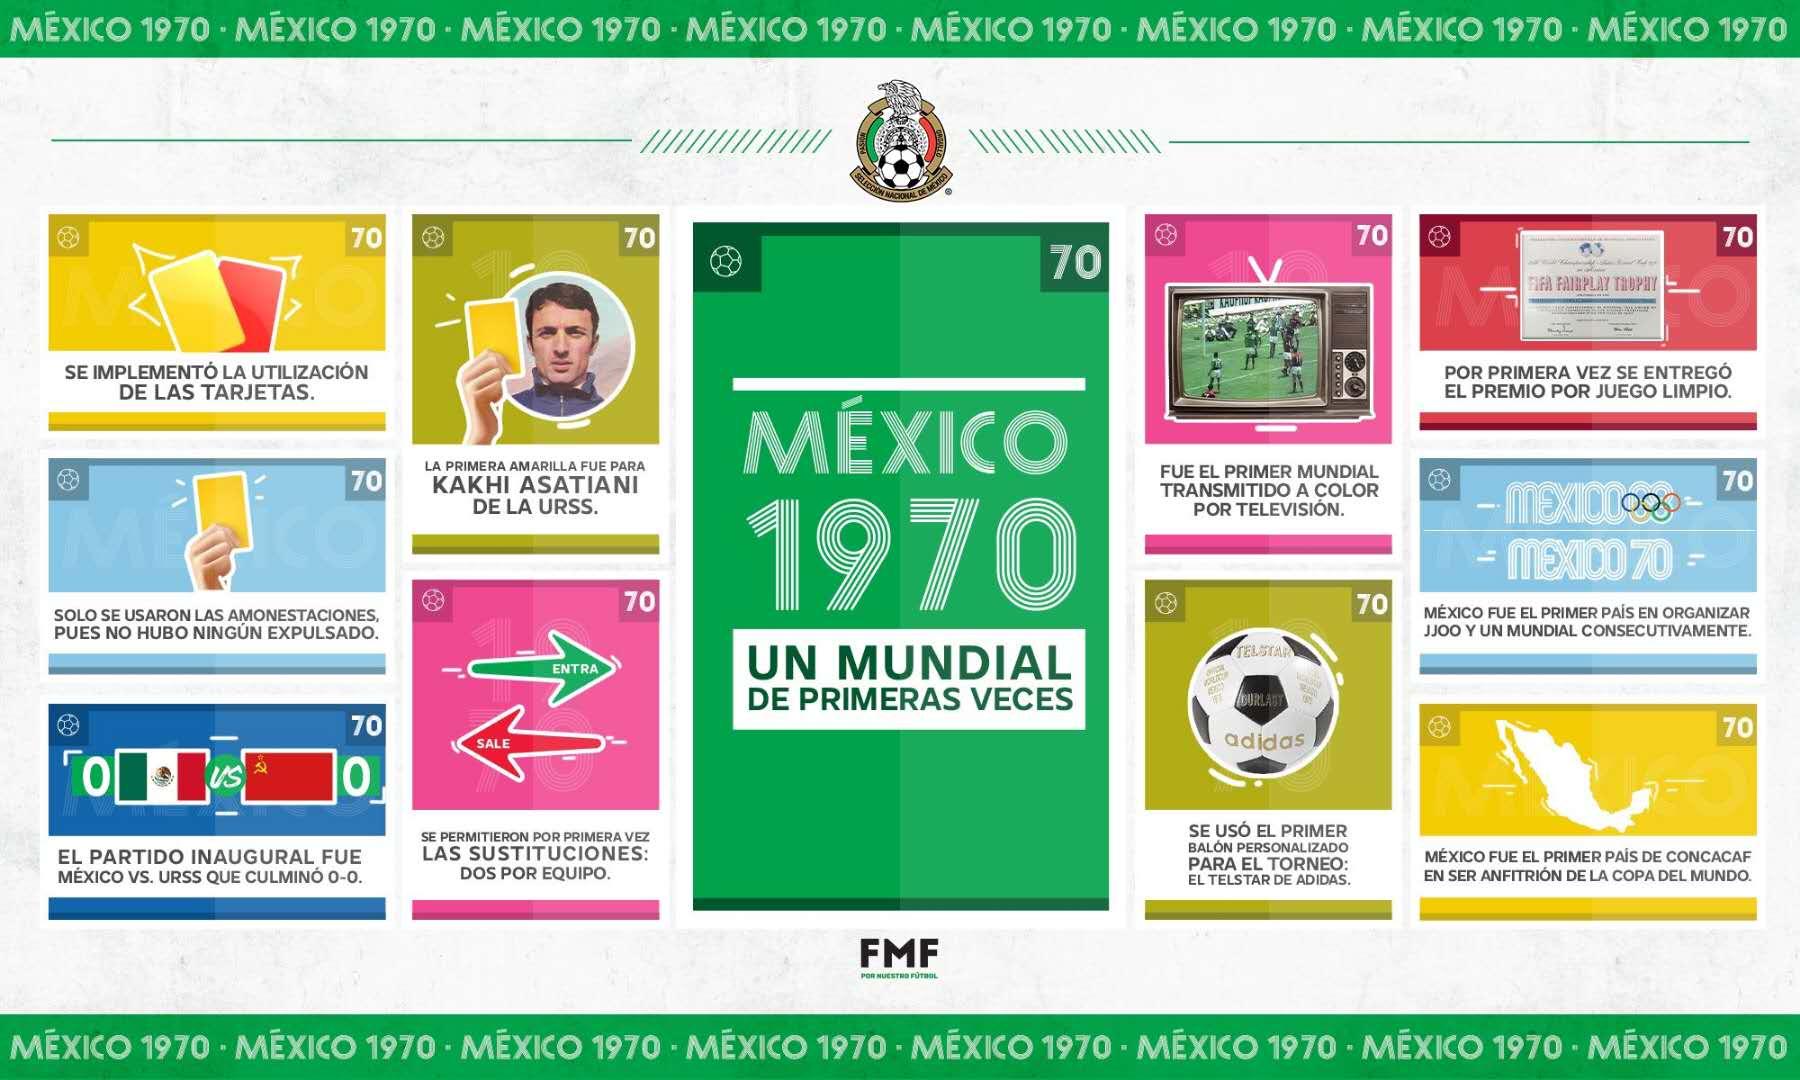 伟大变革!50年前的今天红黄牌和换人制度首次引入世界杯